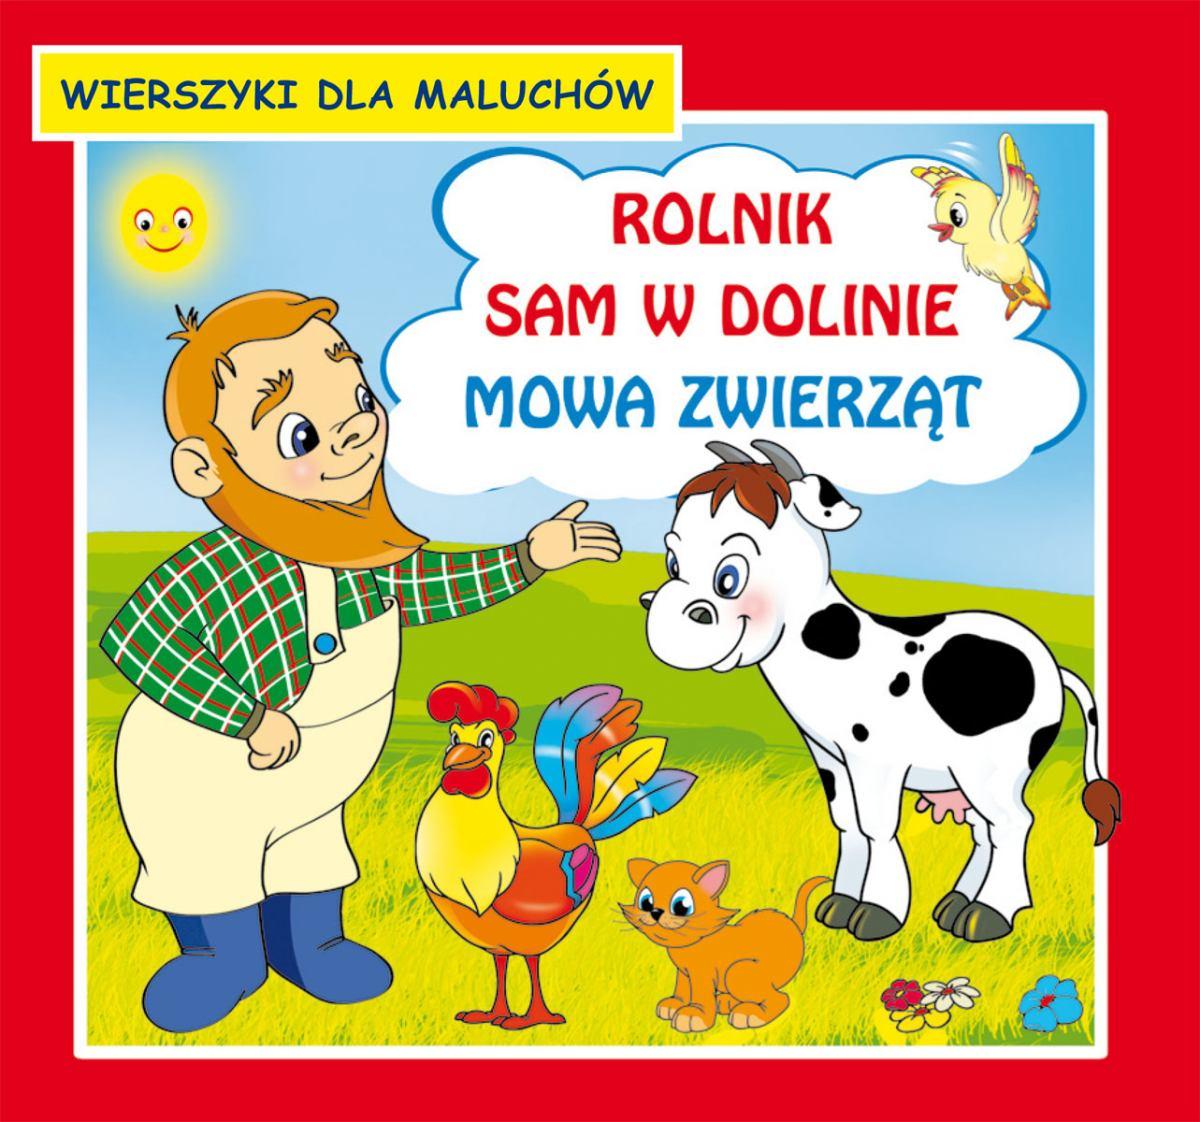 Rolnik sam w dolinie. Mowa zwierząt. Wierszyki dla maluchów - Ebook (Książka PDF) do pobrania w formacie PDF